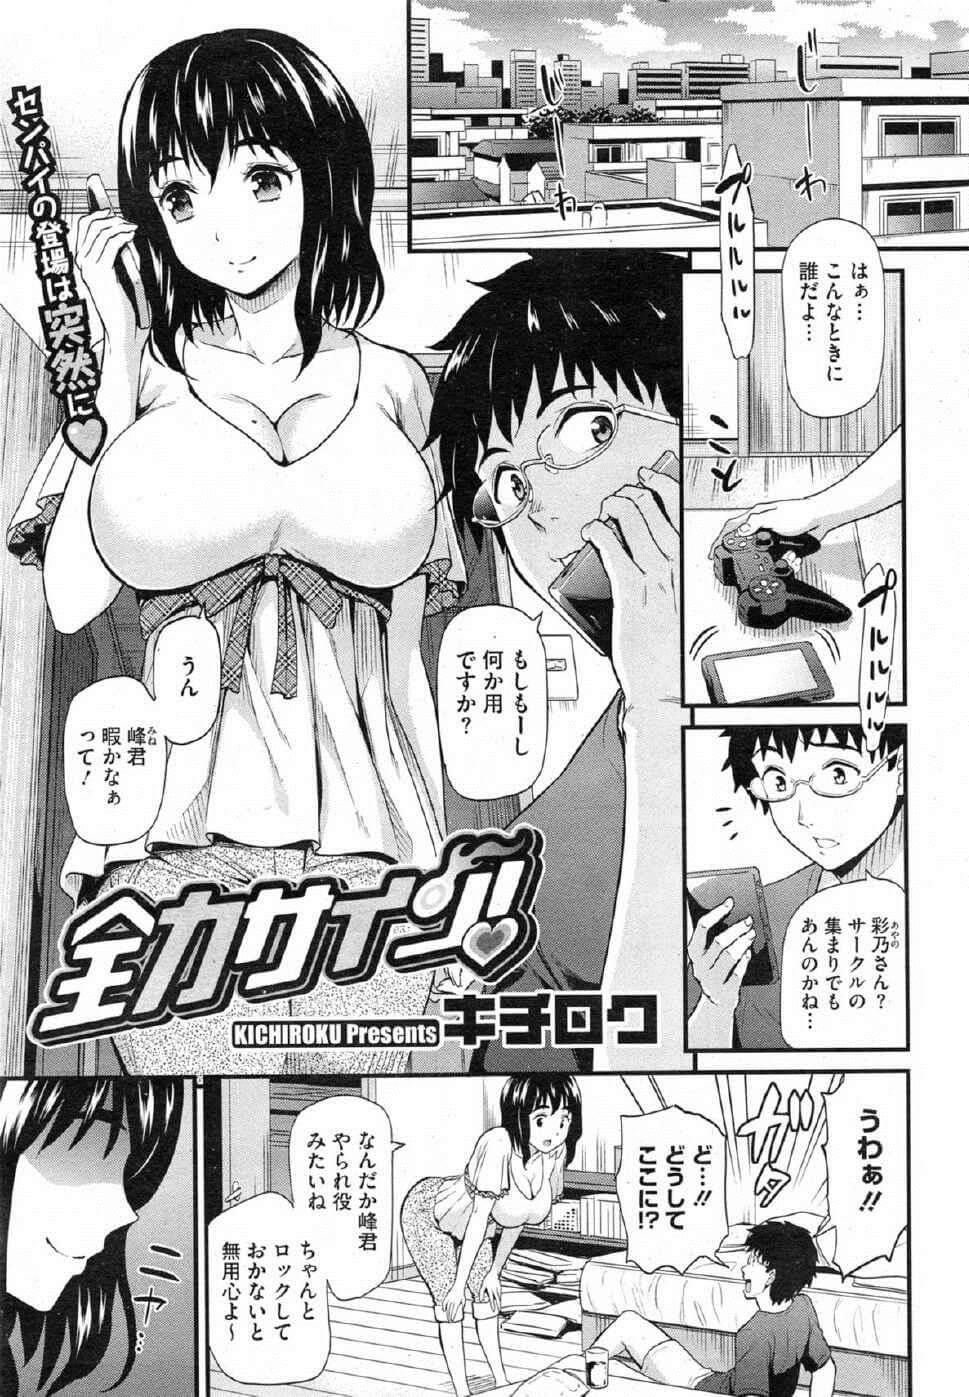 【エロ漫画】峰は家でゲームをしていると、年上のお姉さんの彩乃から電話が来たと思ったら家に入って来た。【無料 エロ同人】